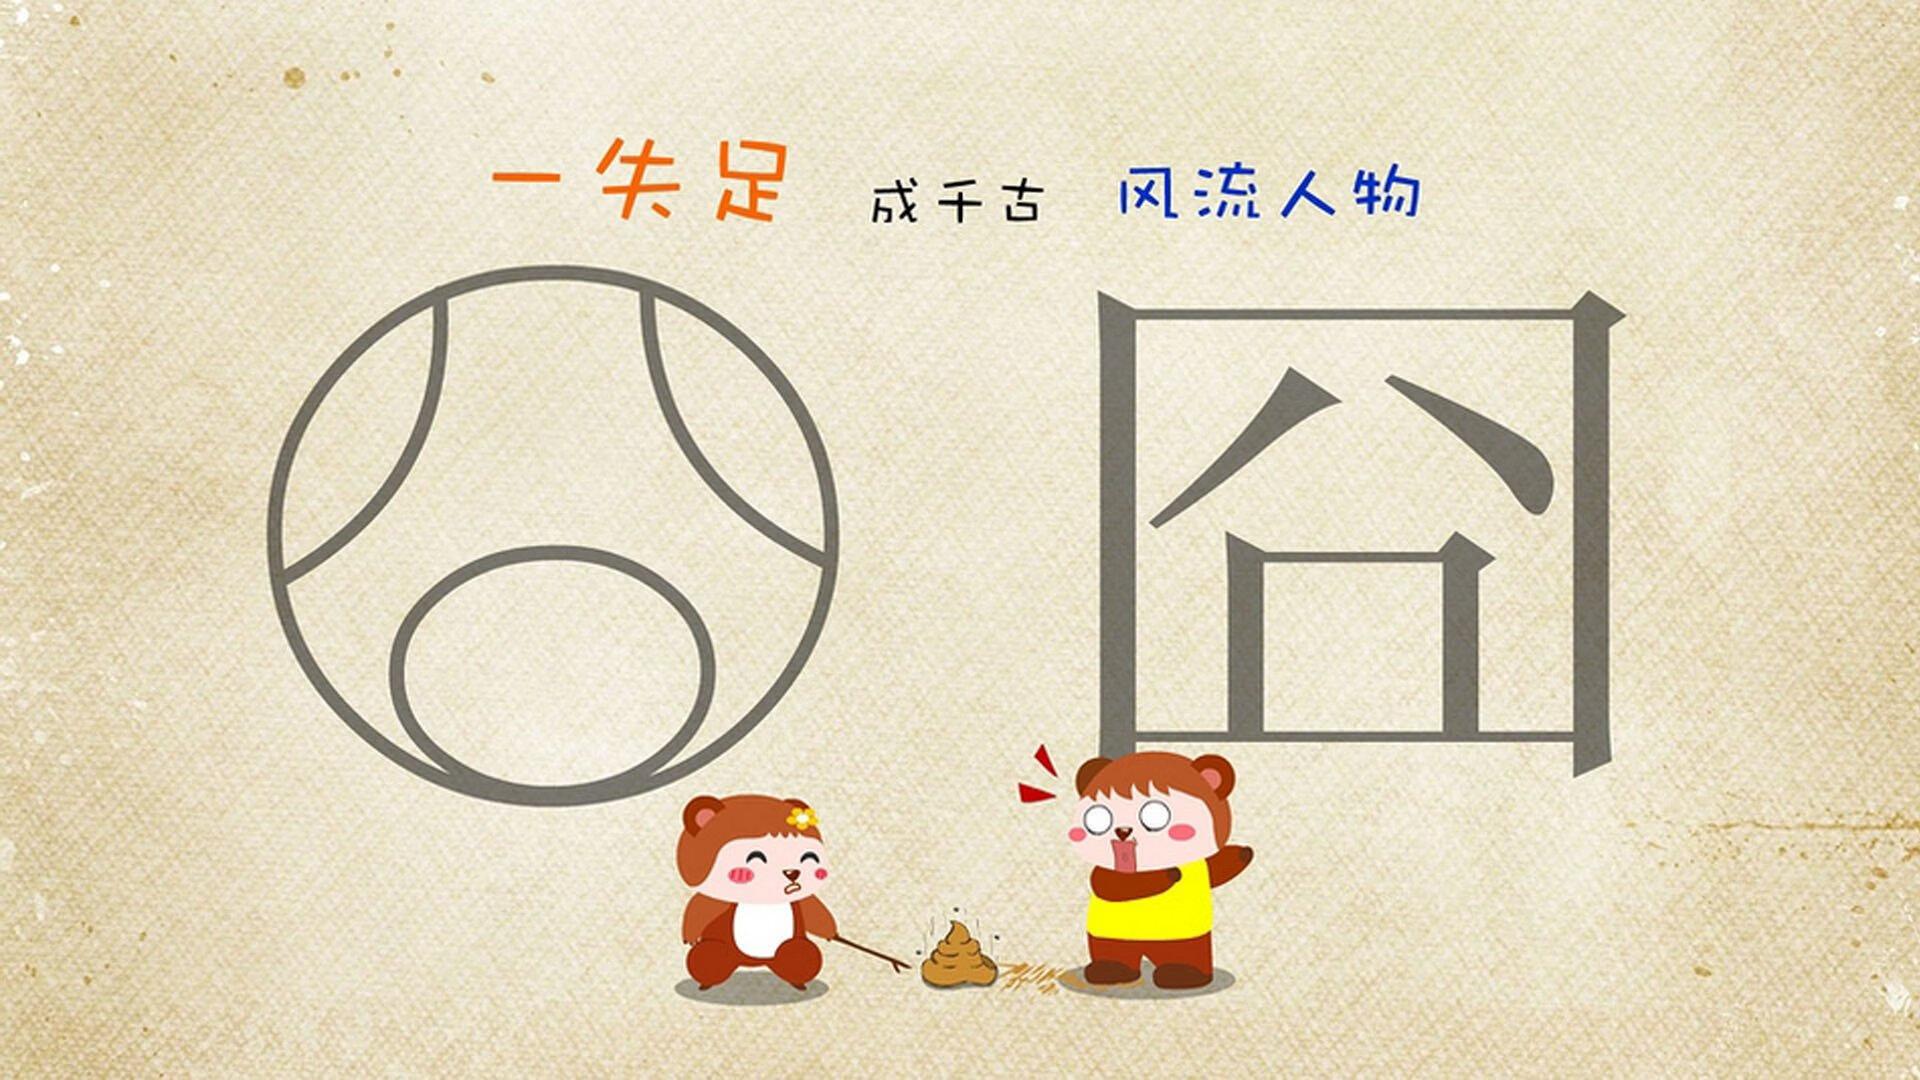 600876洛阳玻璃7月22日股价_汇丰晋信中小盘  第4张